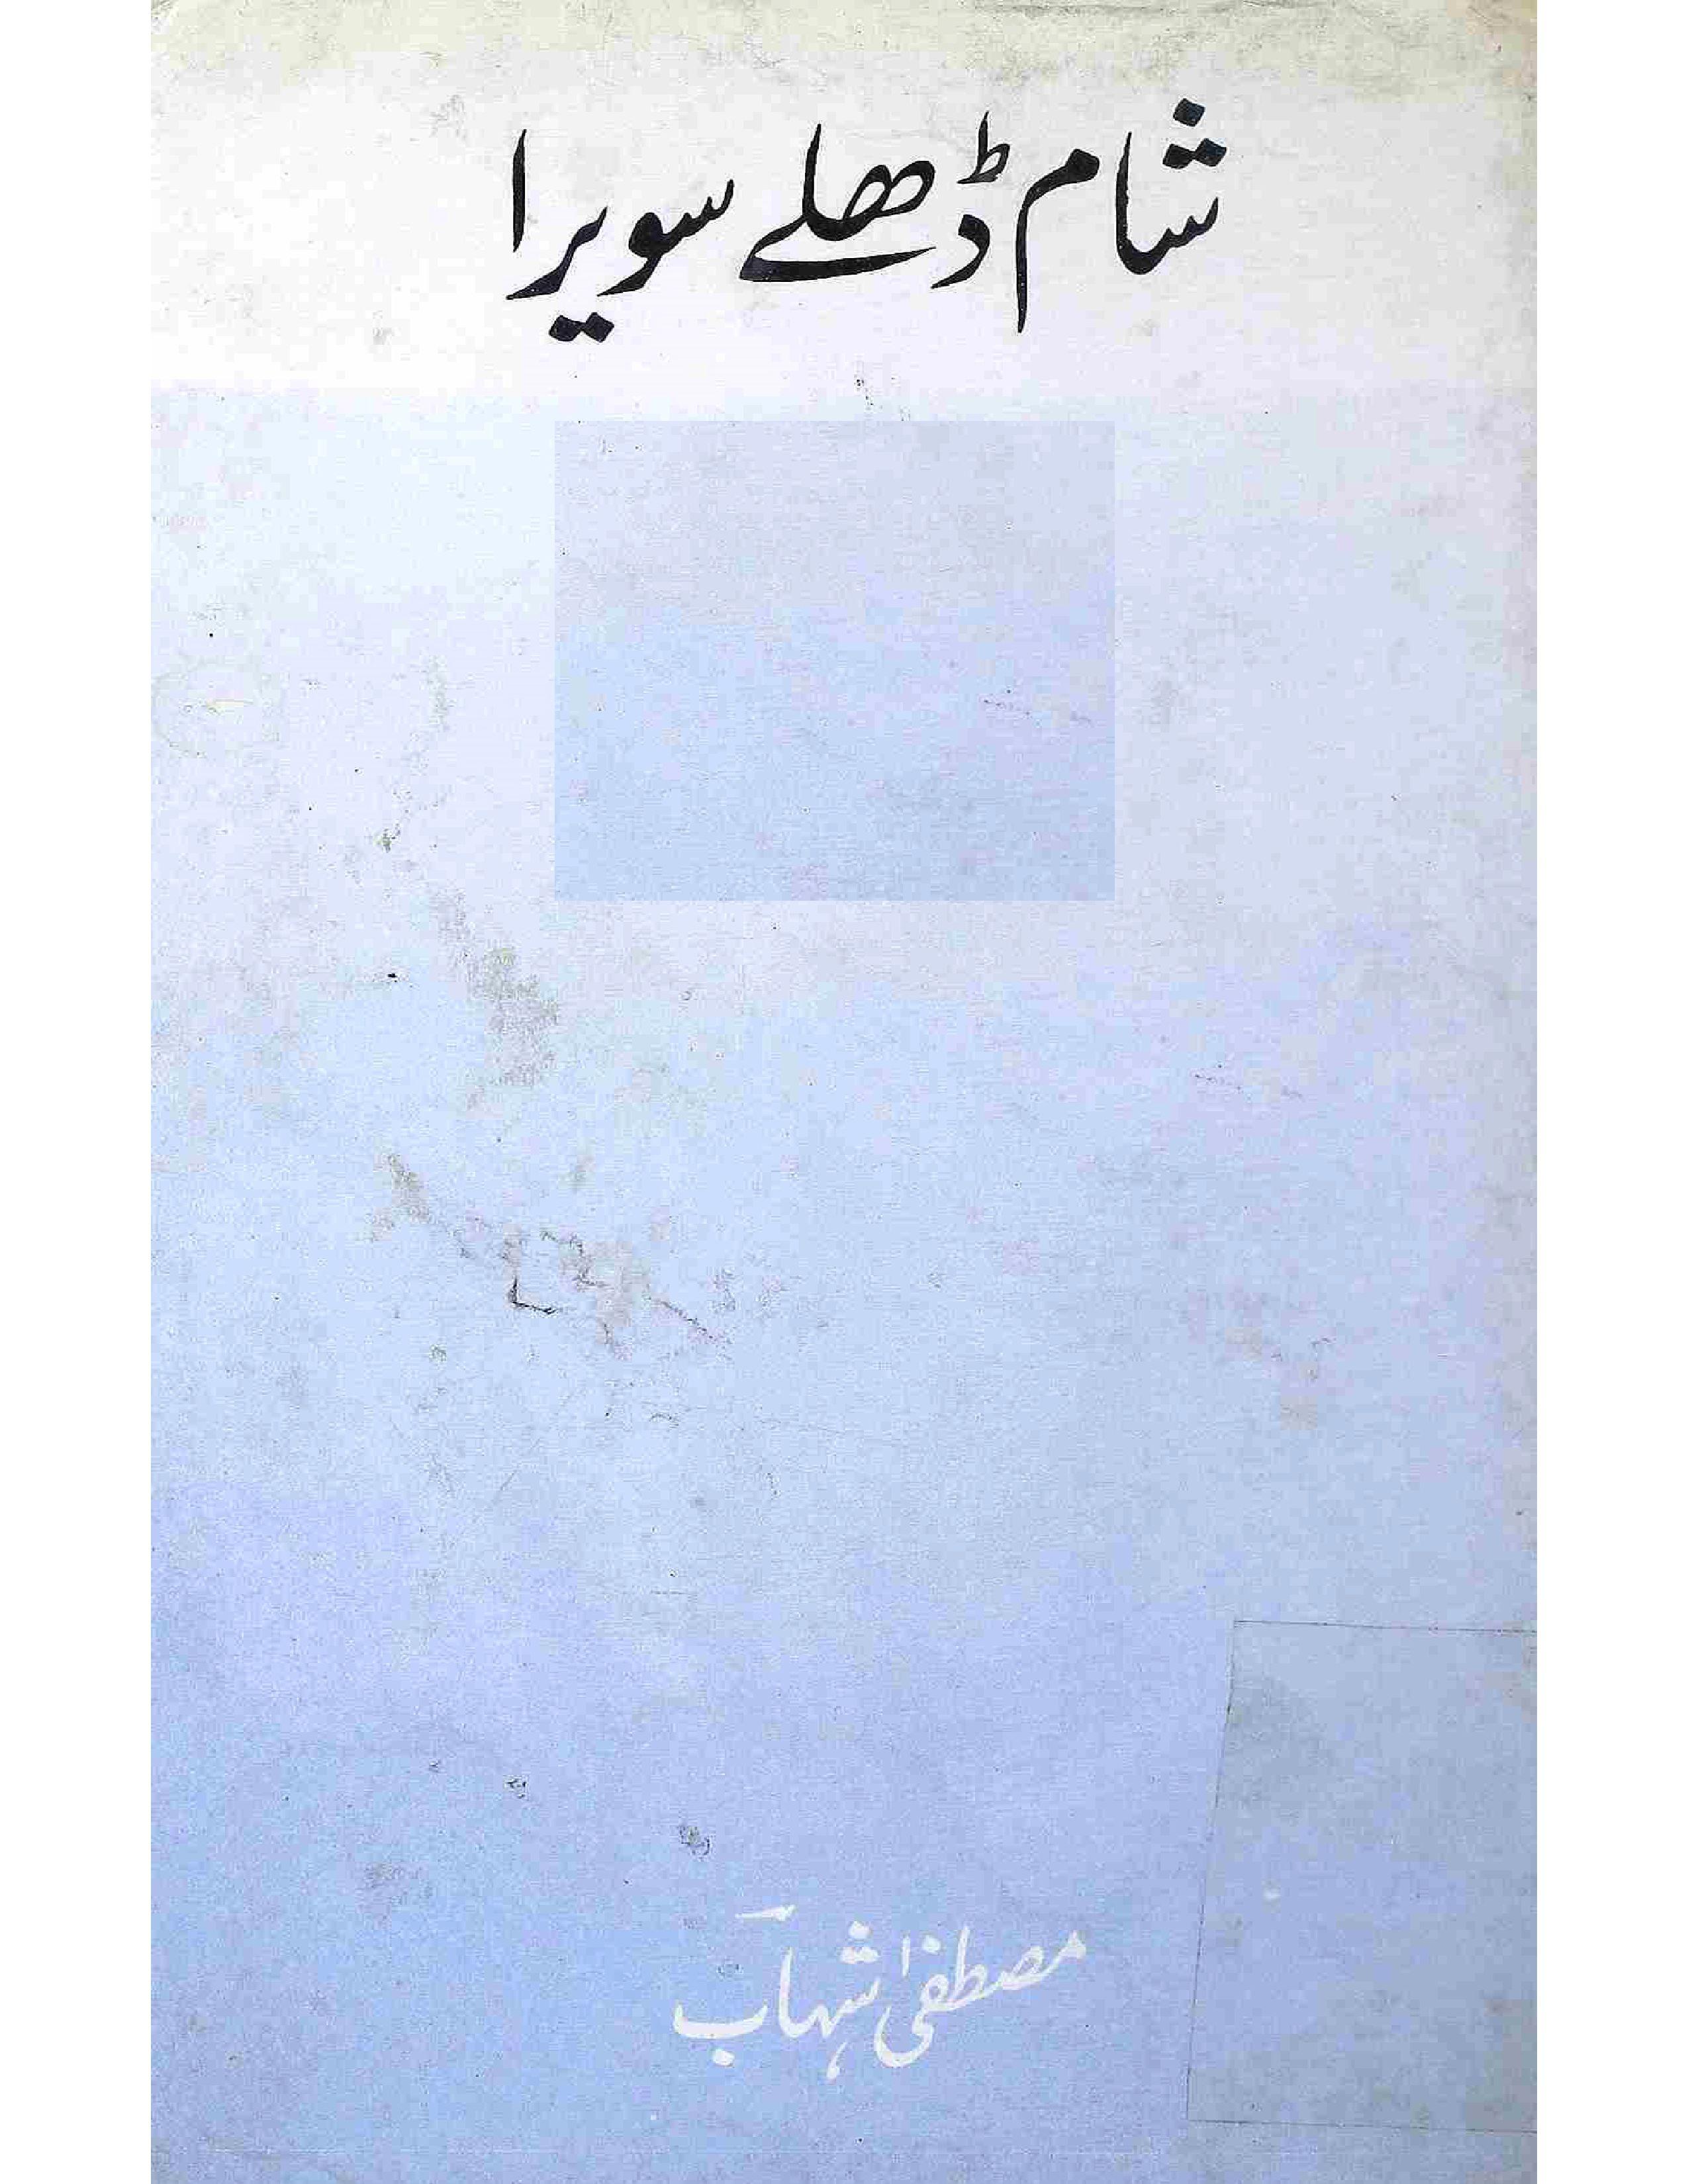 Shaam Dhale Sawera